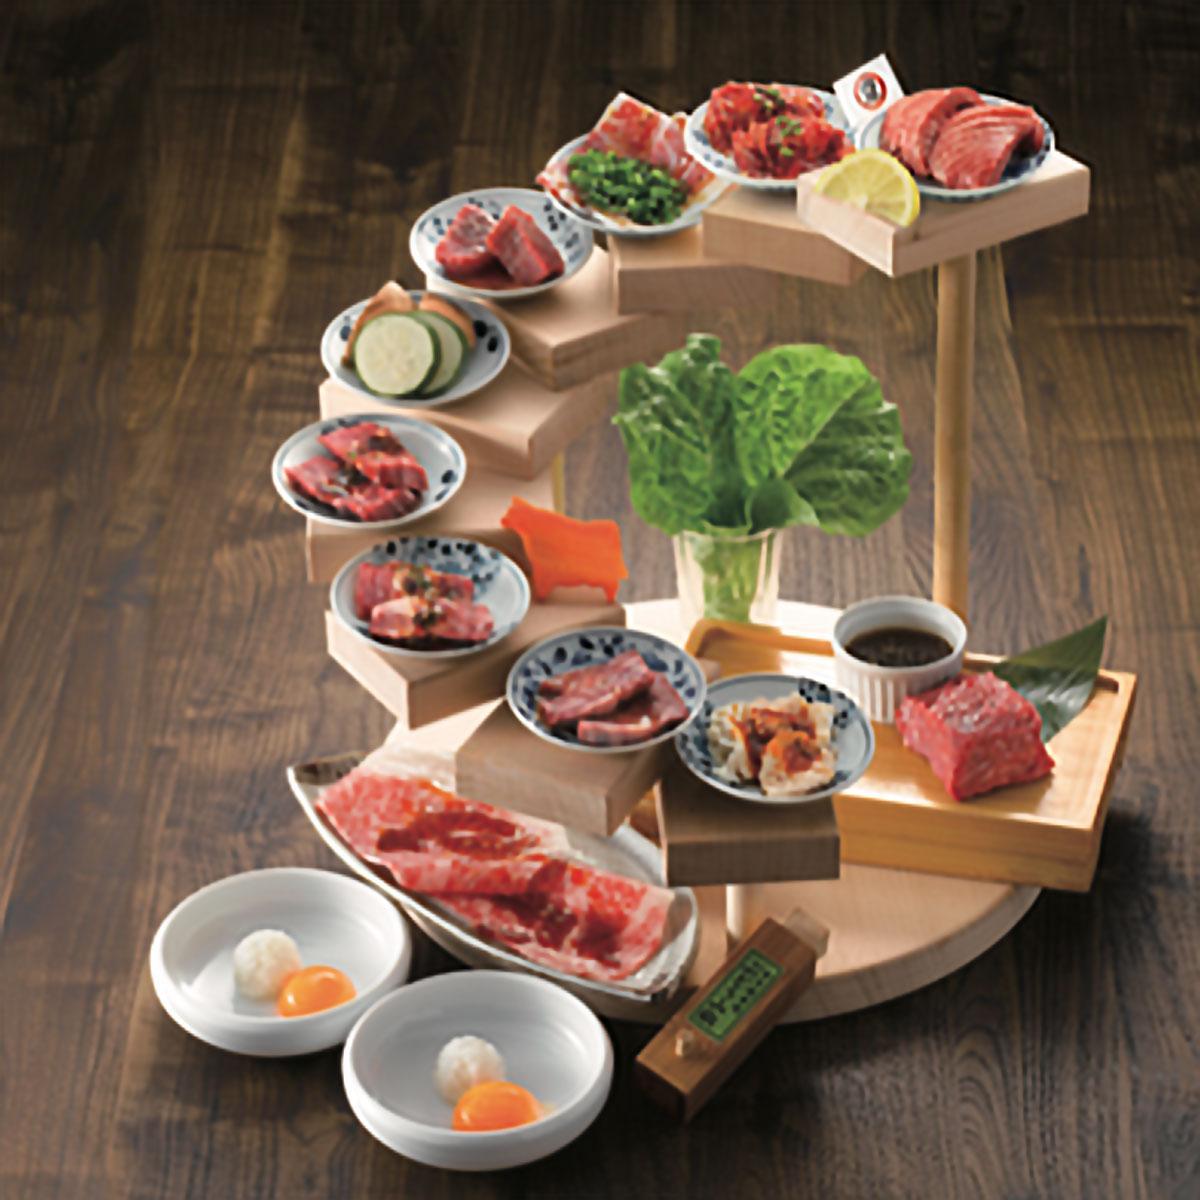 10種の肉を盛る「10段盛り」(2人前6,380円)